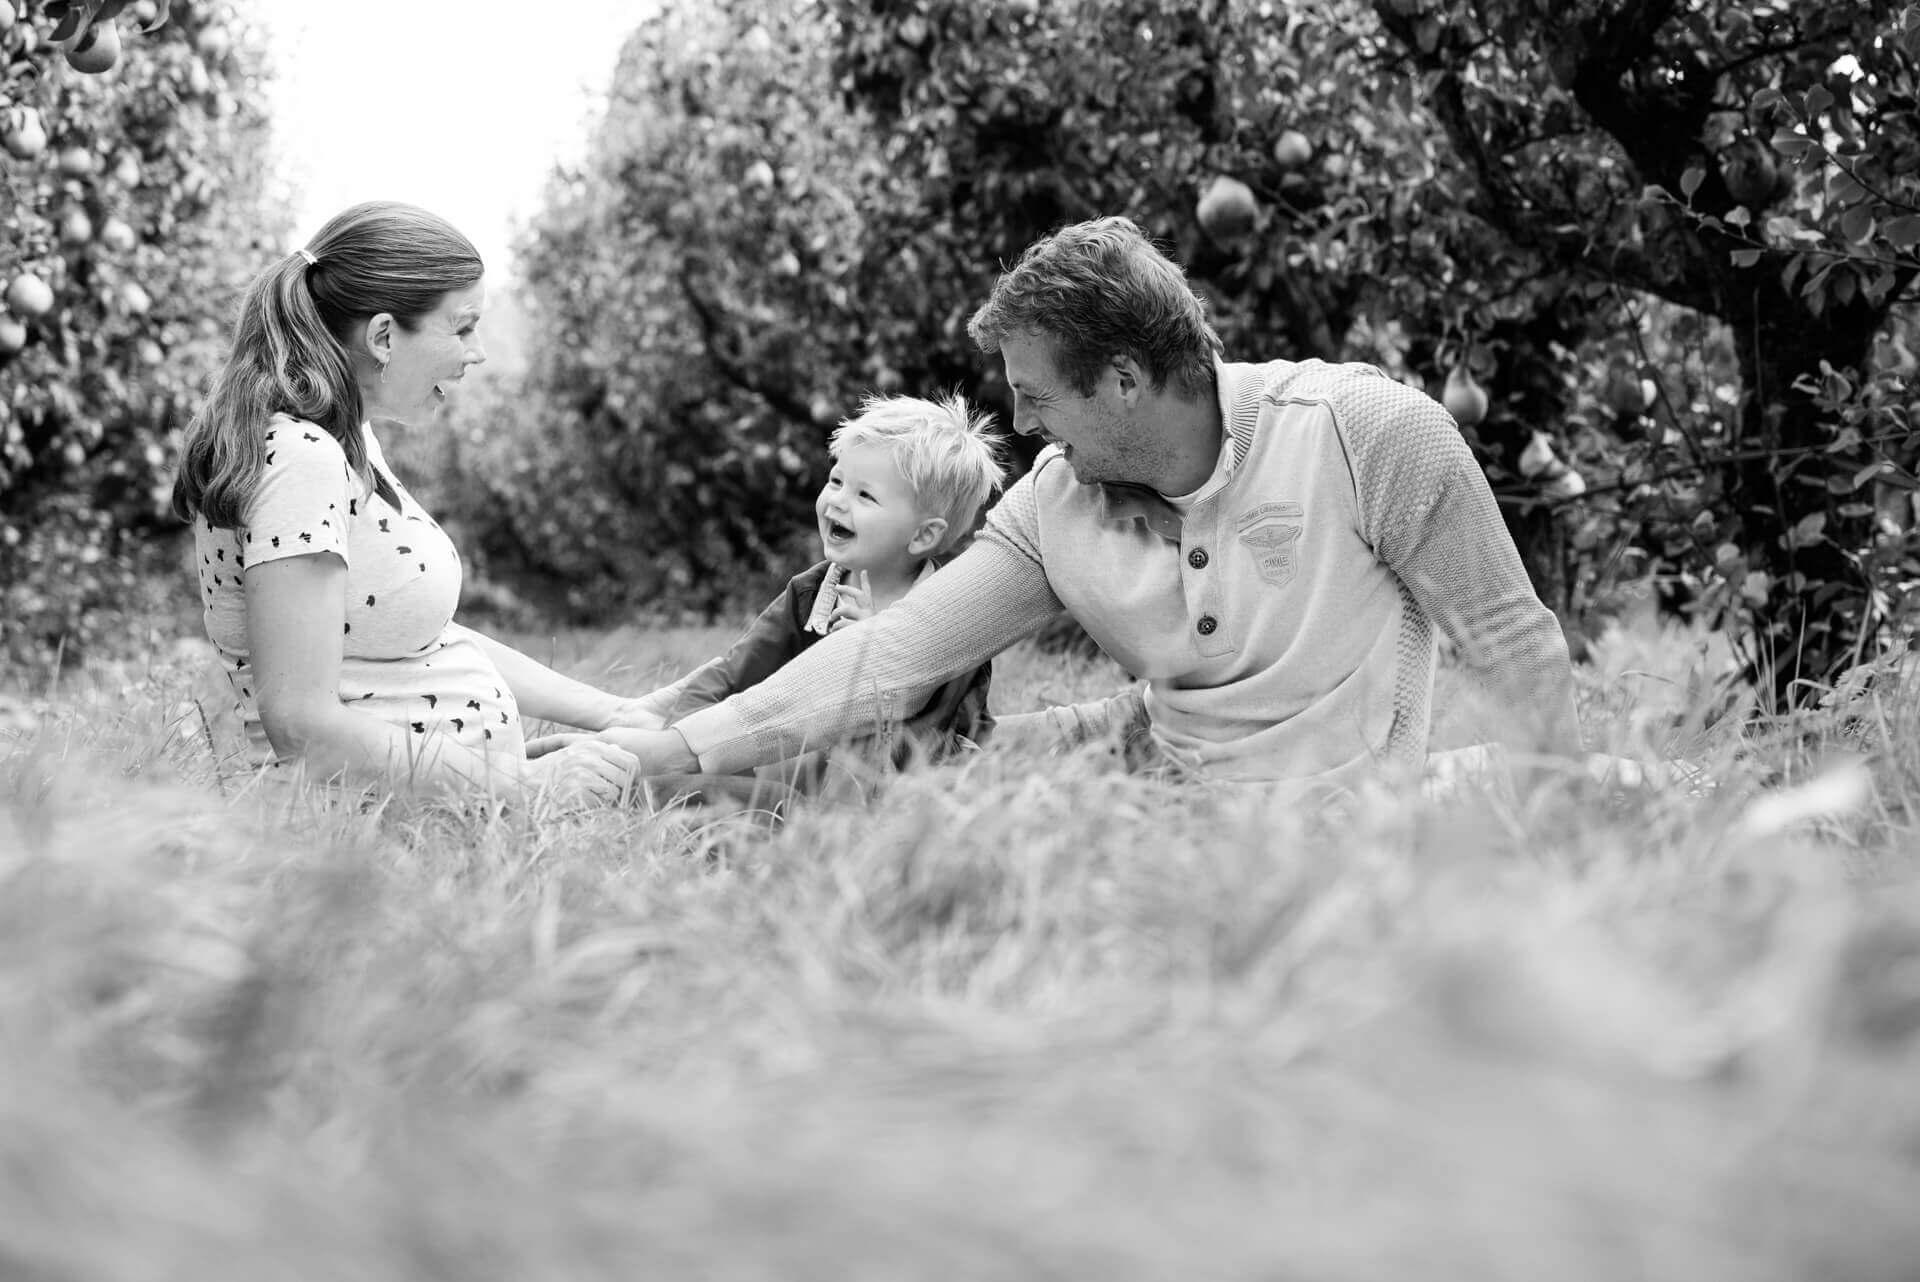 Fotoshoot zwanger met gezin met zoon in Olmenhorst Lisserbroek door fotograaf Grietje Mesman uit Deventer Overijssel